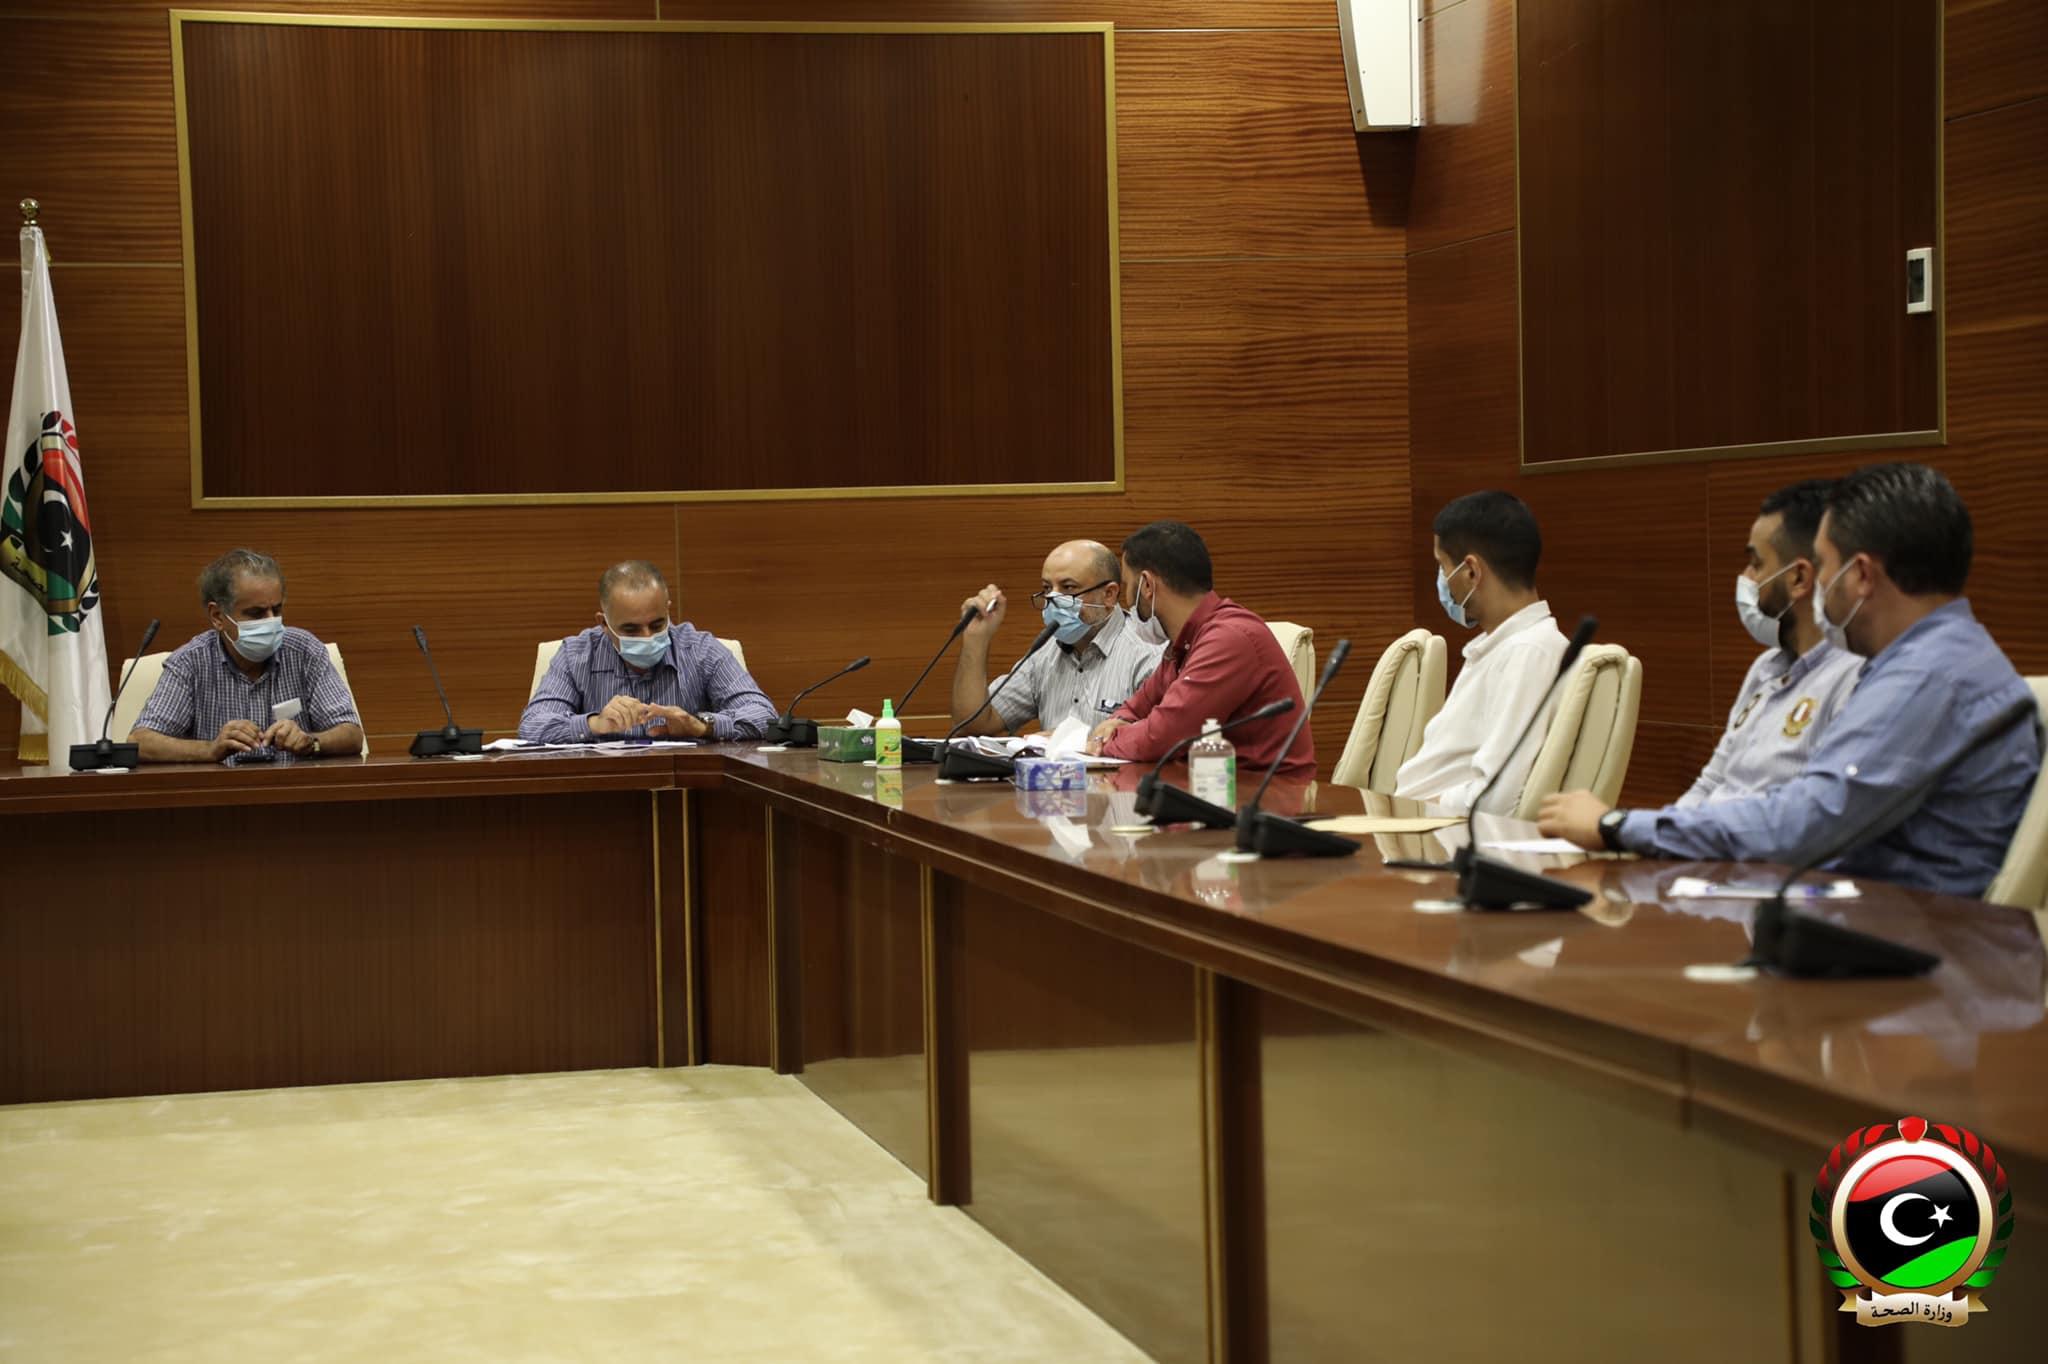 وزارة الصحة بحكومة الوفاق- إرشيفية